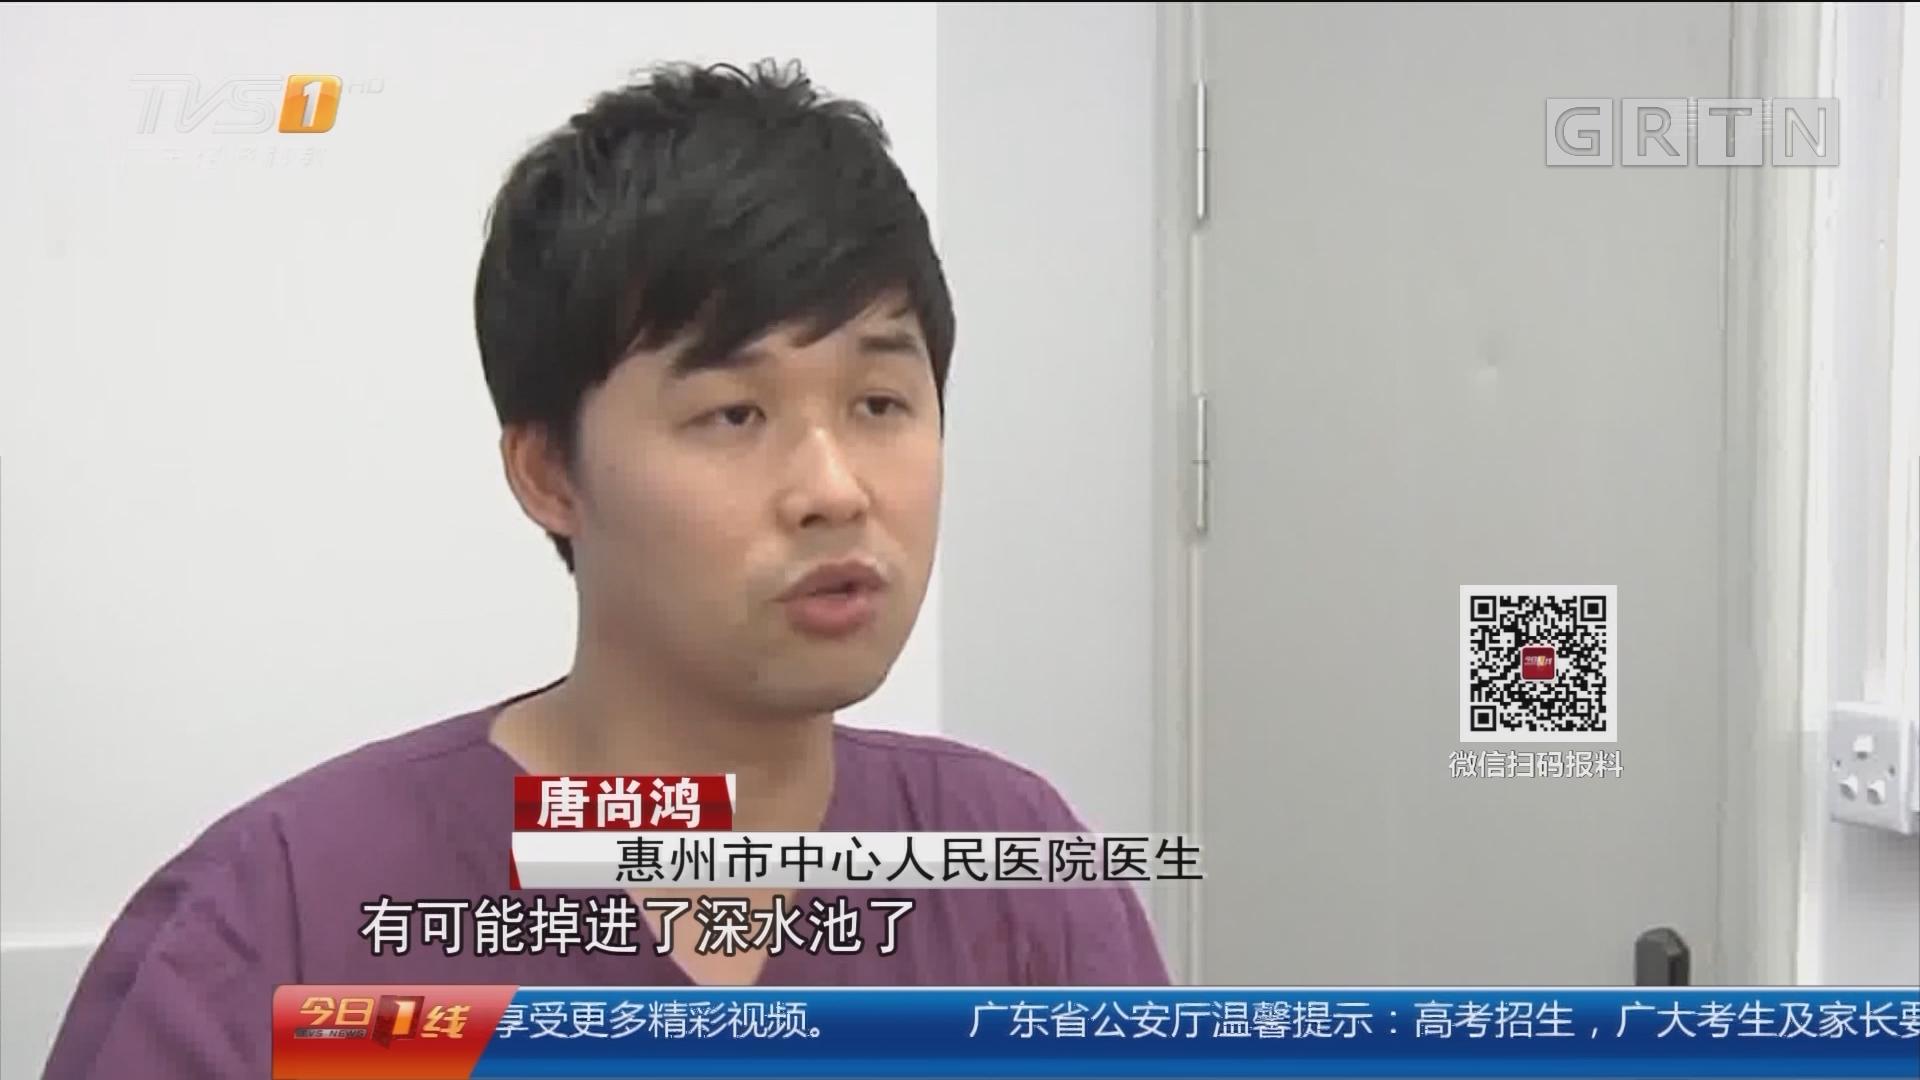 惠州惠阳:3岁娃呛水昏迷 休班医生急施援手